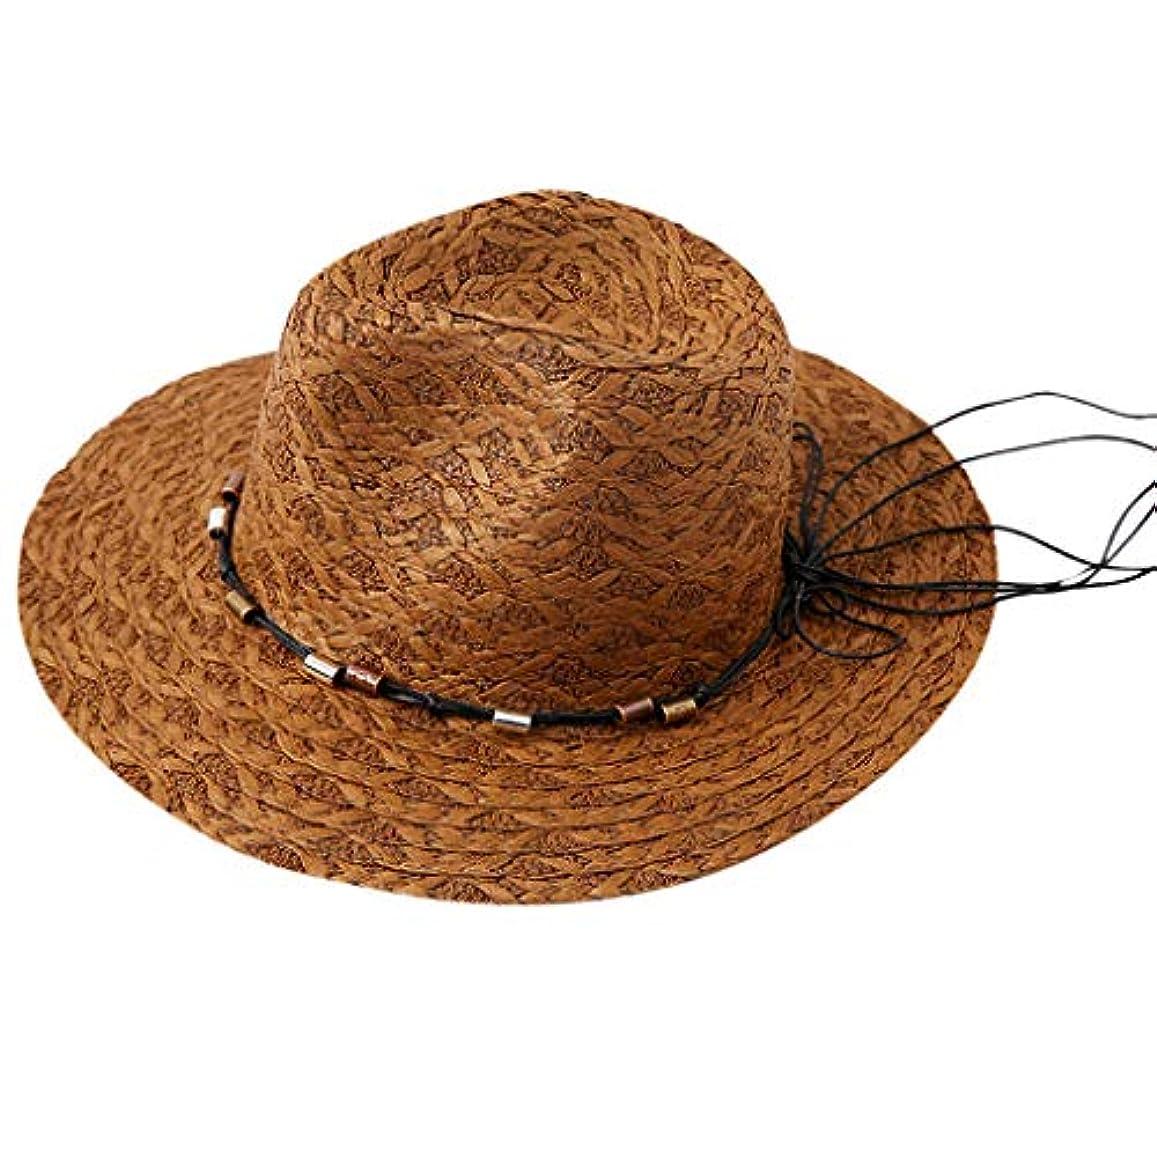 しゃがむ商業のすべき麦わら帽子 レディース UVカット ハット つば広 帽子 サイズ調整 テープ ハット 日除け キャップ レディース 小顔効果 紫外線防止 レディース 日よけ 日常用 可愛い ペーパーハット 紫外線対策 日焼け防止 ROSE...